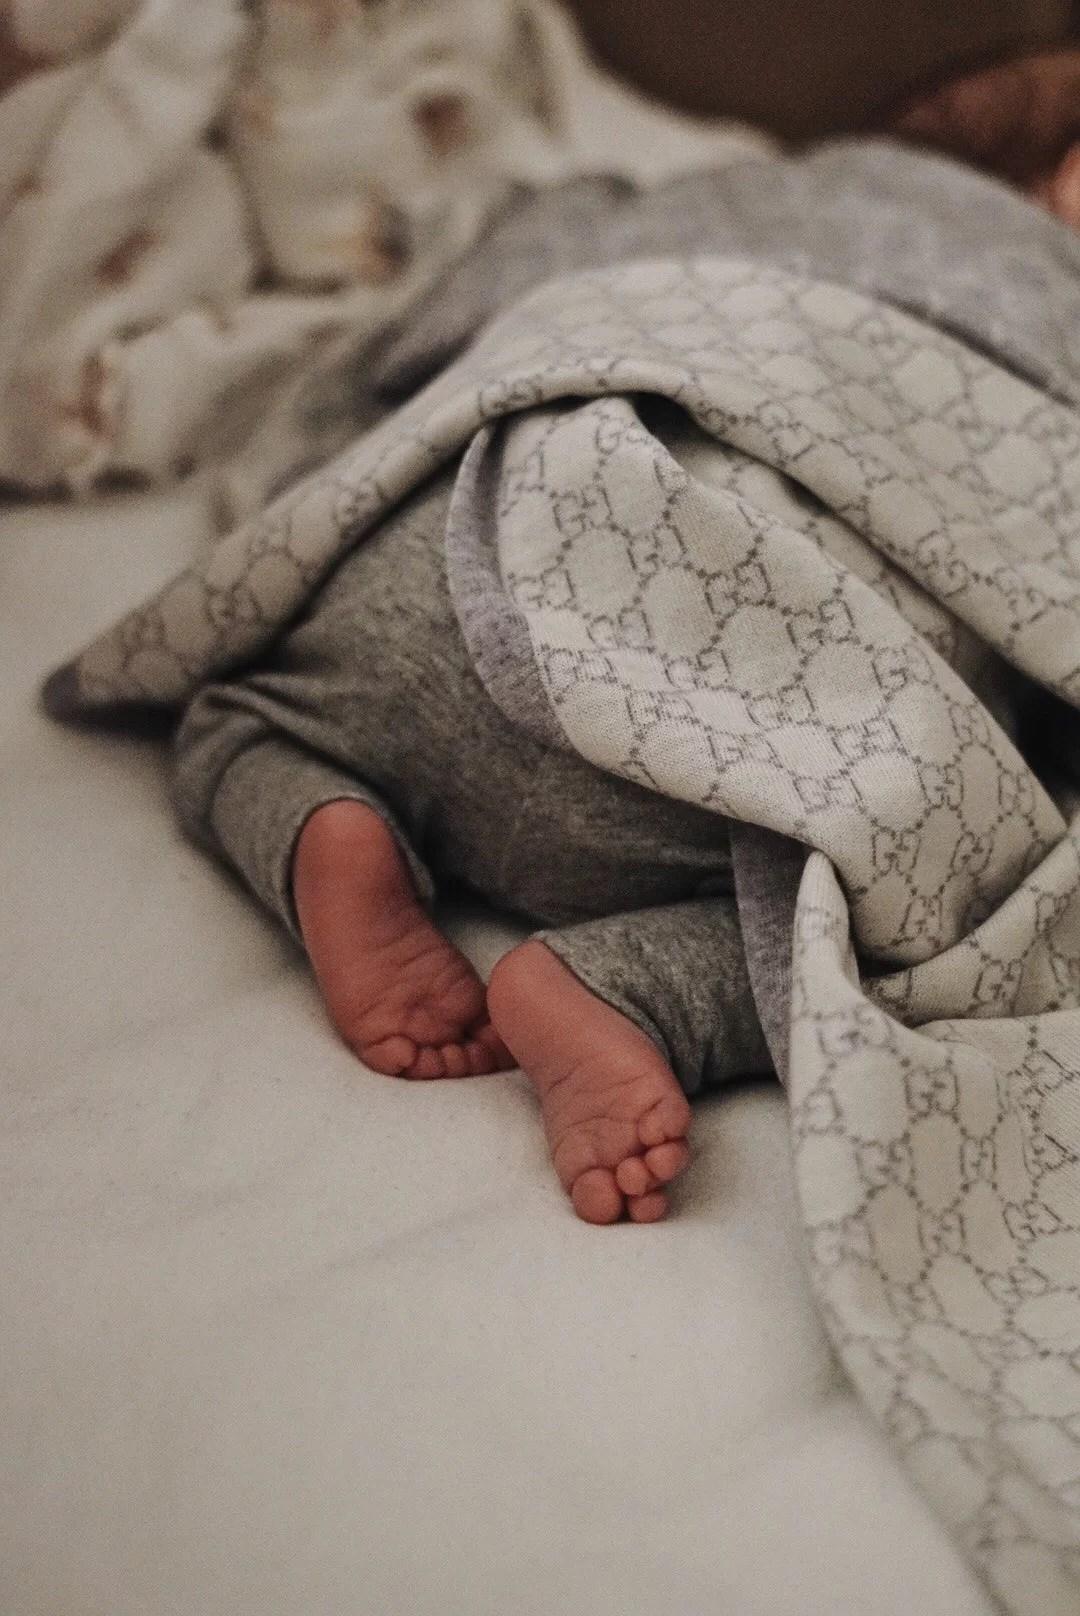 Dessa underbara små fötter